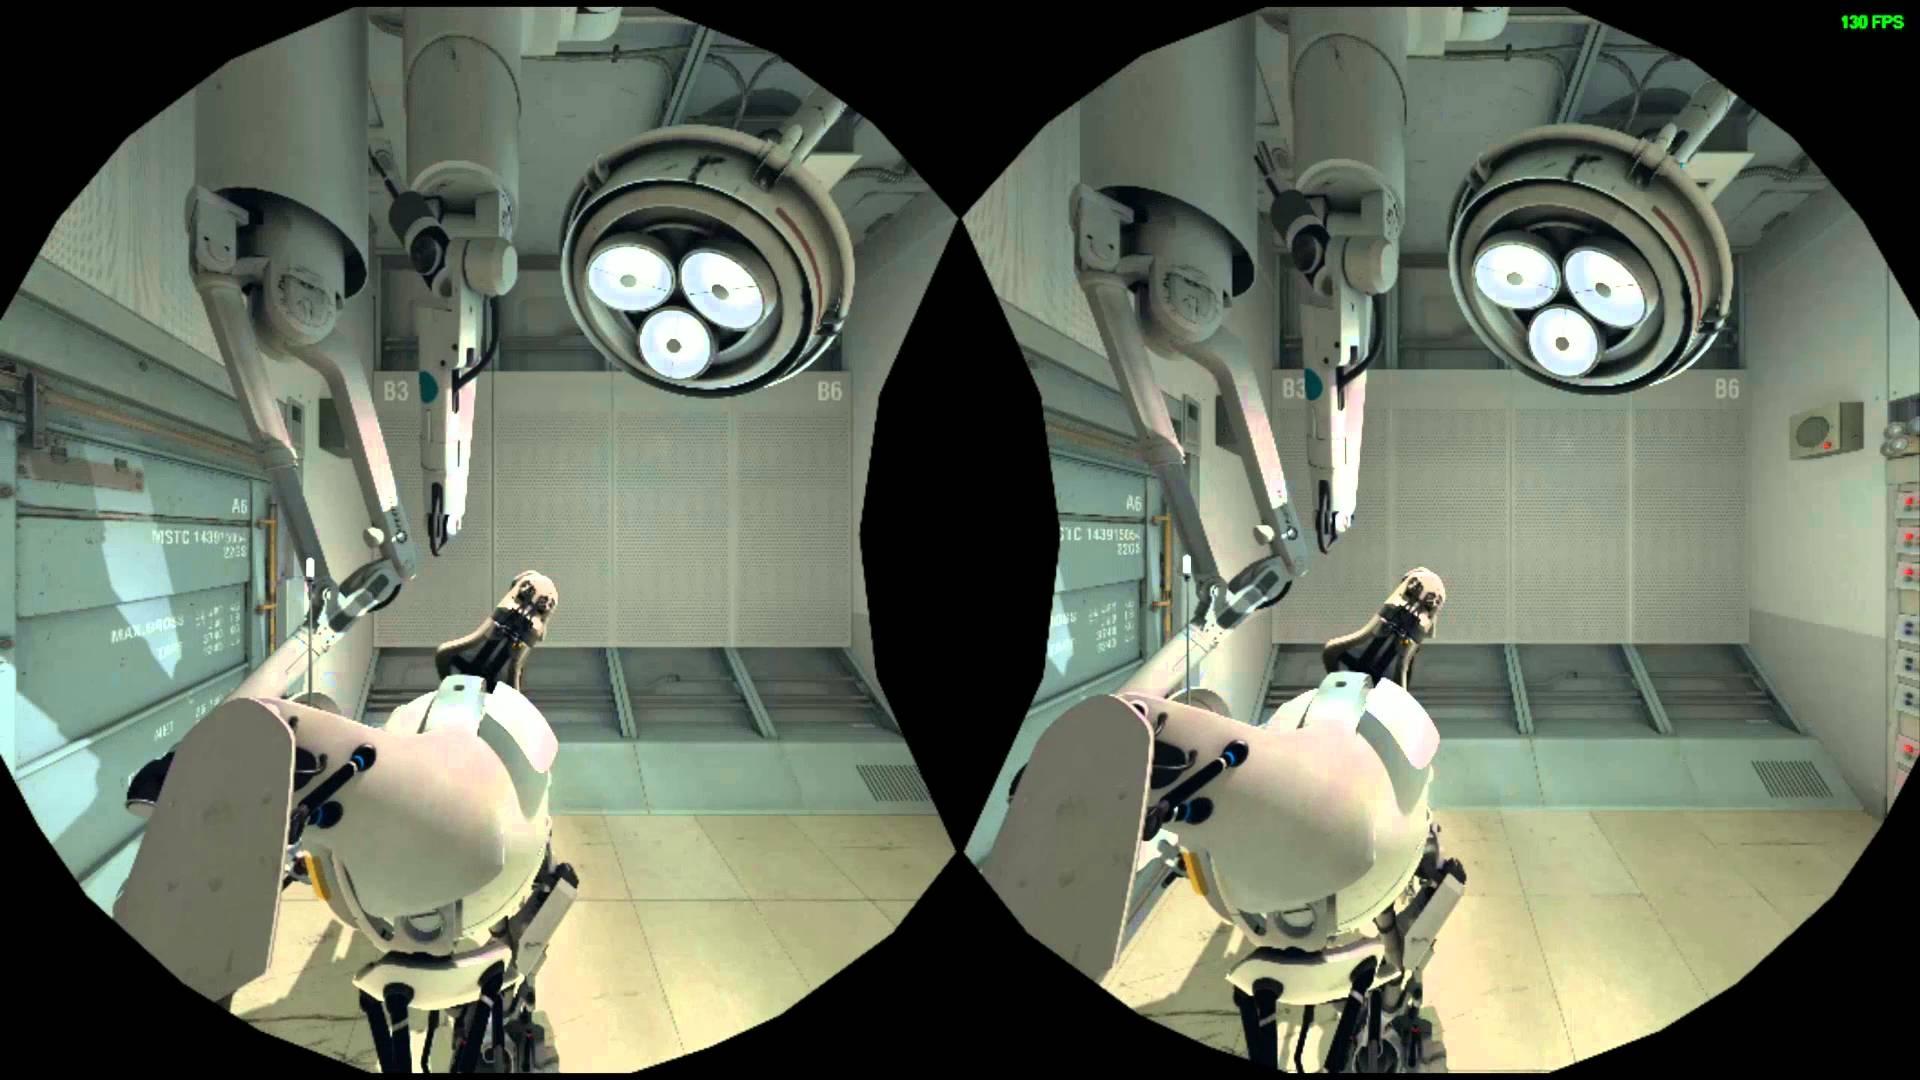 Princíp okuliarov virtuálnej reality spočíva v tom, že zobrazujú dva obrazy. Jeden pre každé oko. Výsledkom je 3D obraz, ktorý v kombinácii so senzormi v okuliaroch vytvára pocit uveriteľnej virtuálnej reality. Virtuálne okolie totiž reaguje na pohyb vašej hlavy